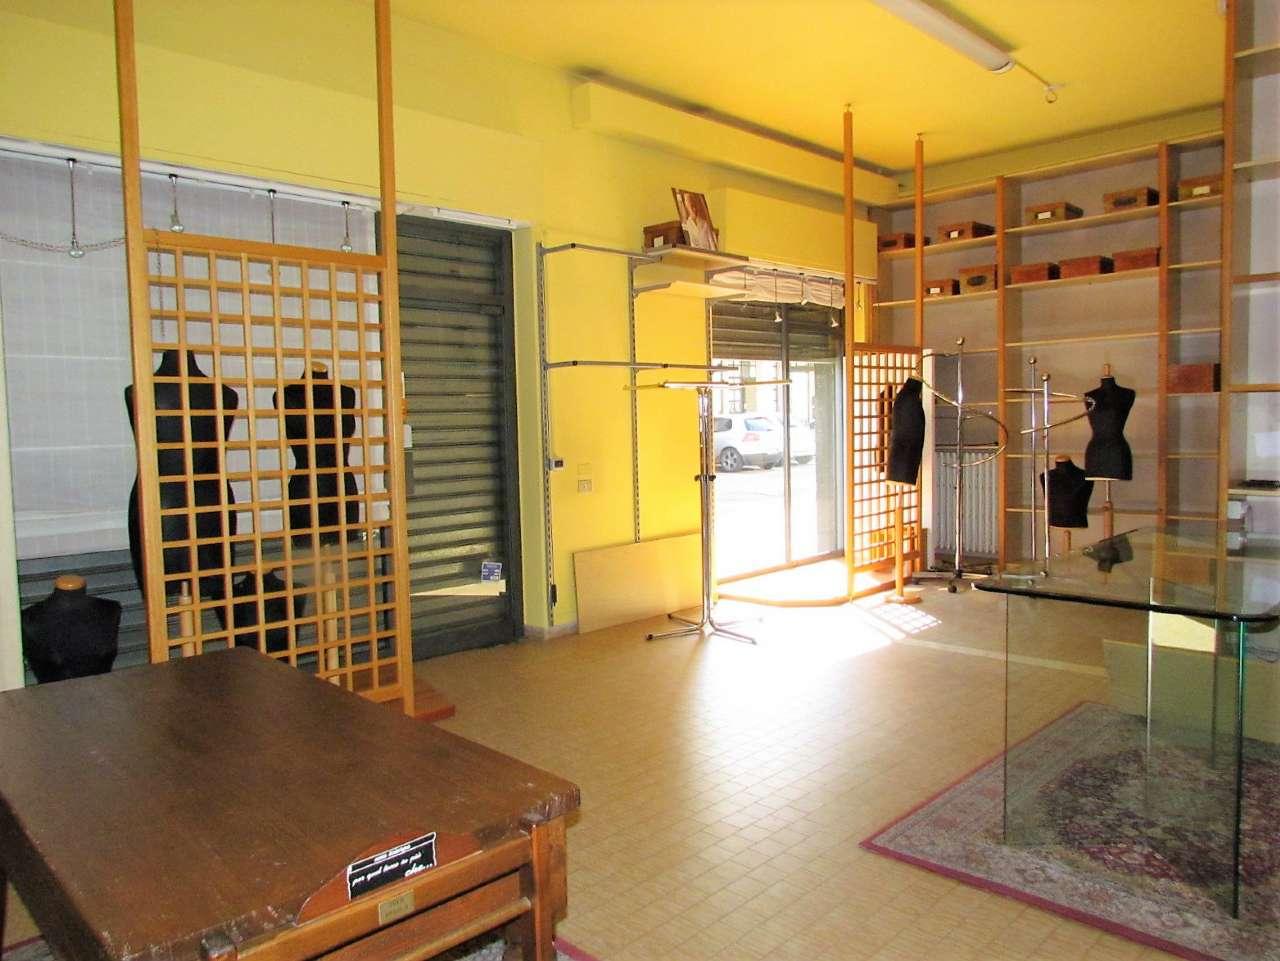 Negozio / Locale in affitto a Tradate, 1 locali, prezzo € 667 | CambioCasa.it